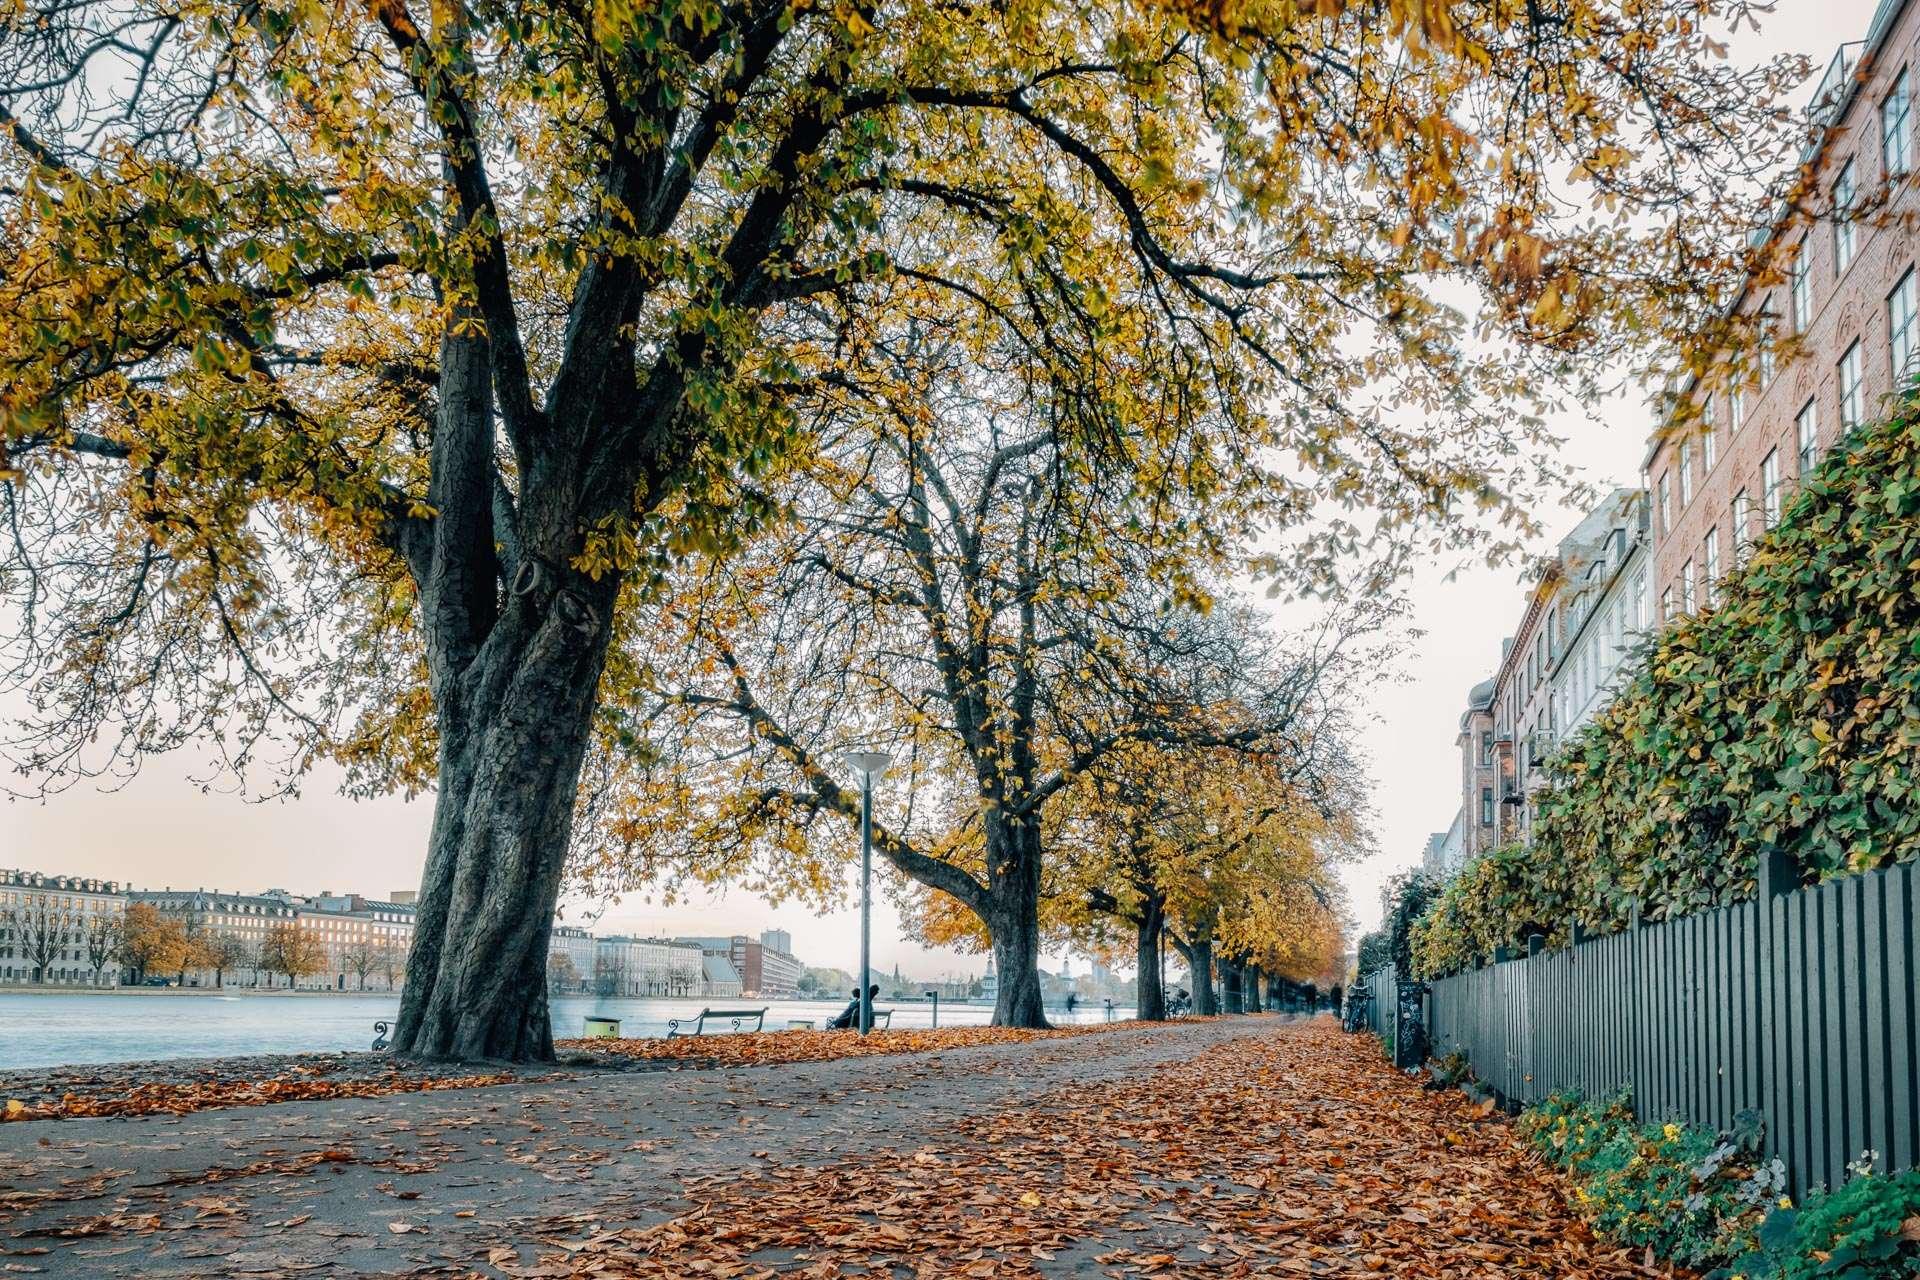 Søerne i midten af København om efteråret